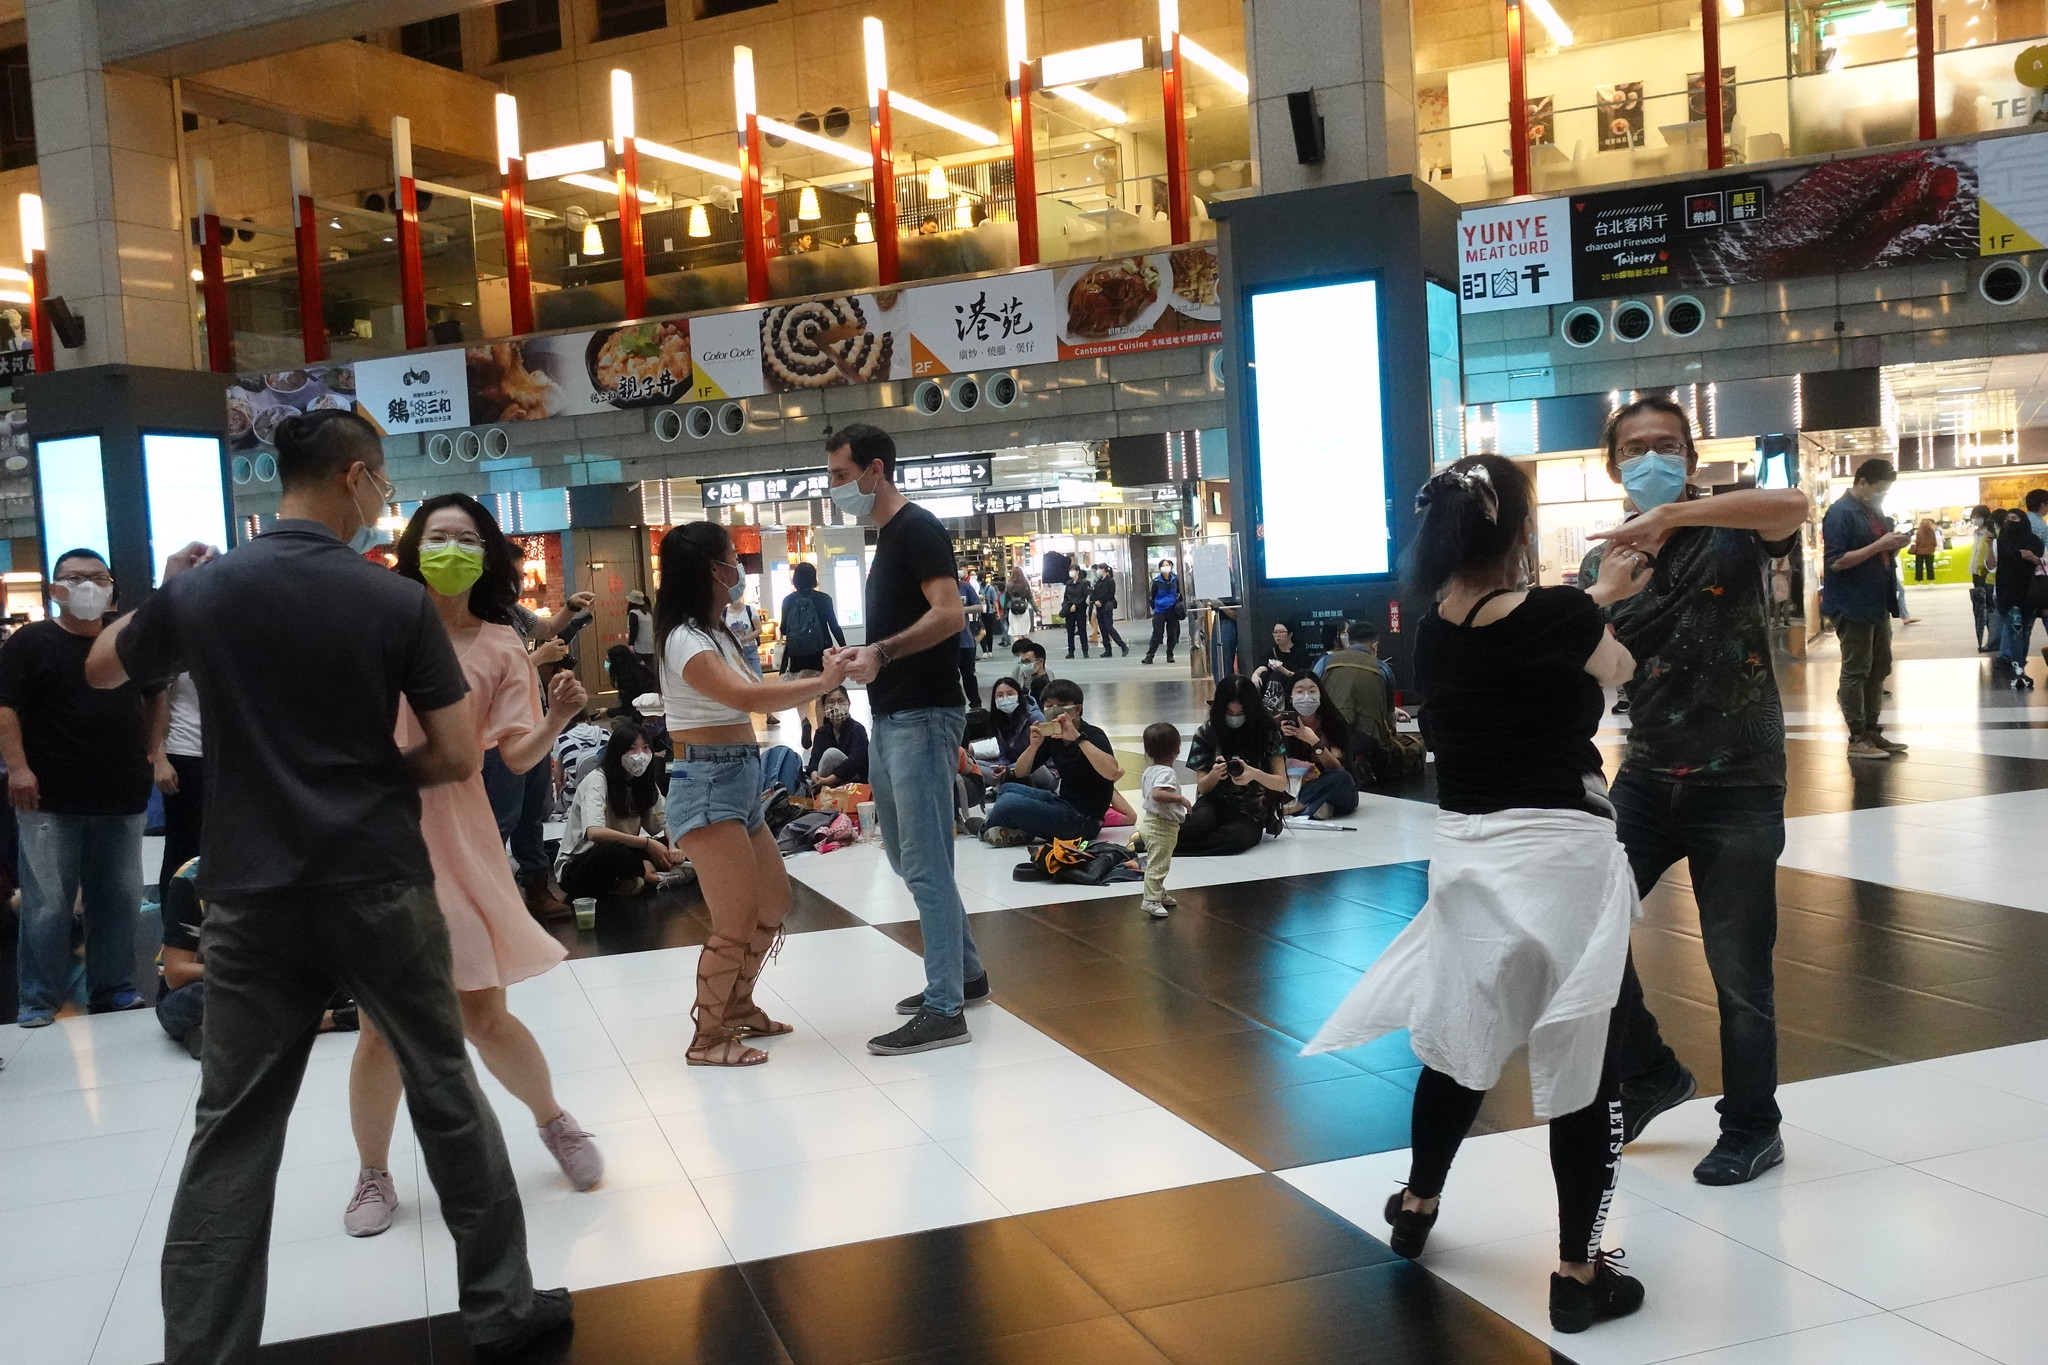 民眾在大廳跳舞。(攝影:張智琦)